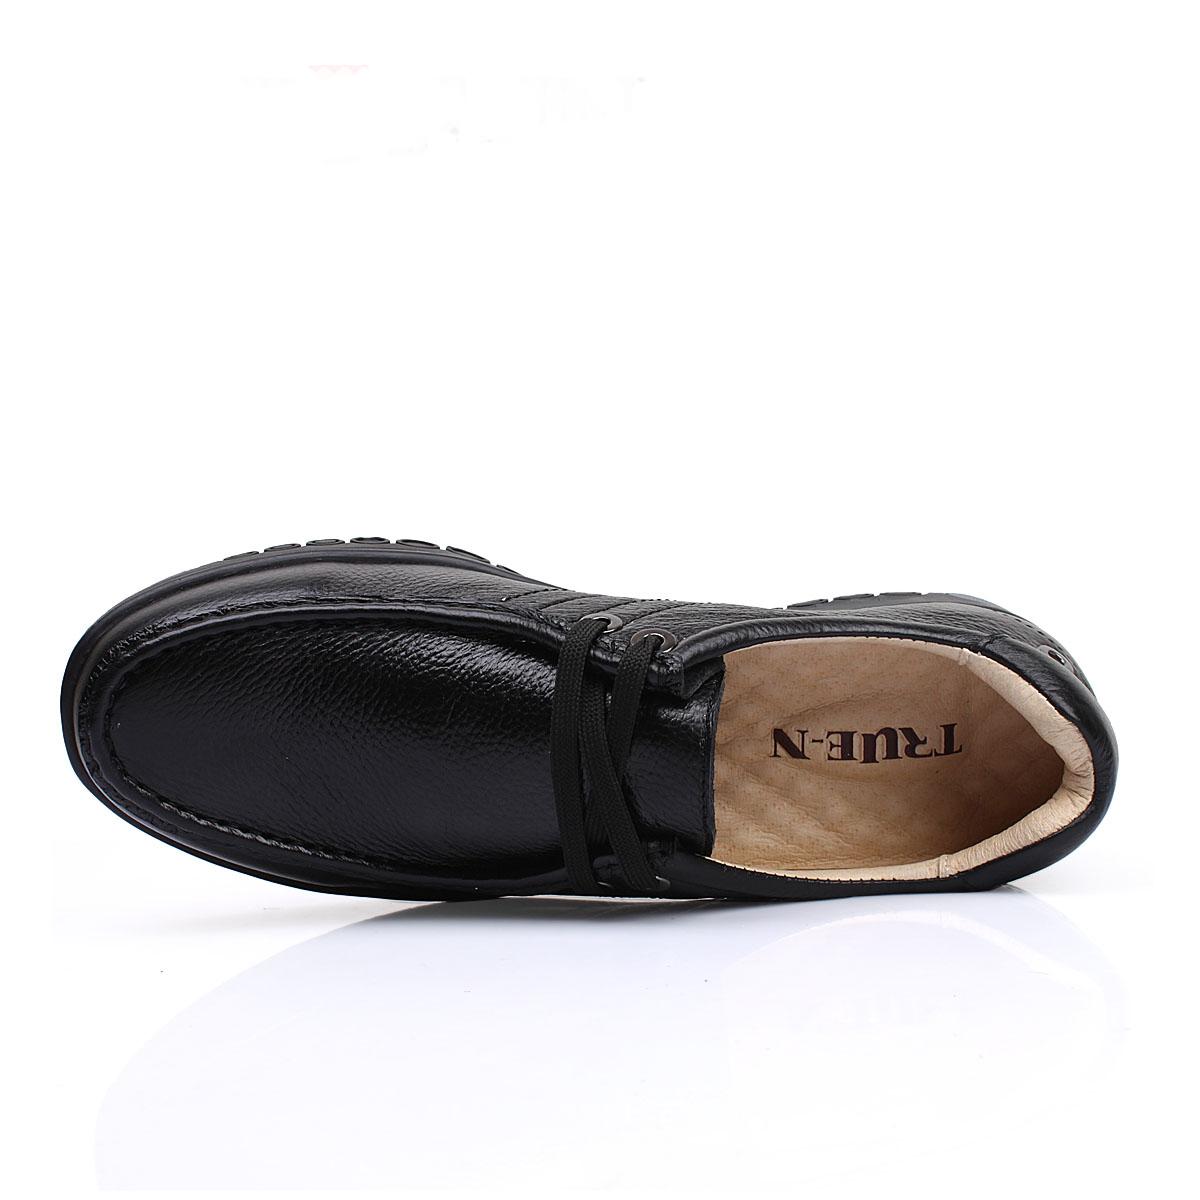 Демисезонные ботинки TRUE/N c33008/1